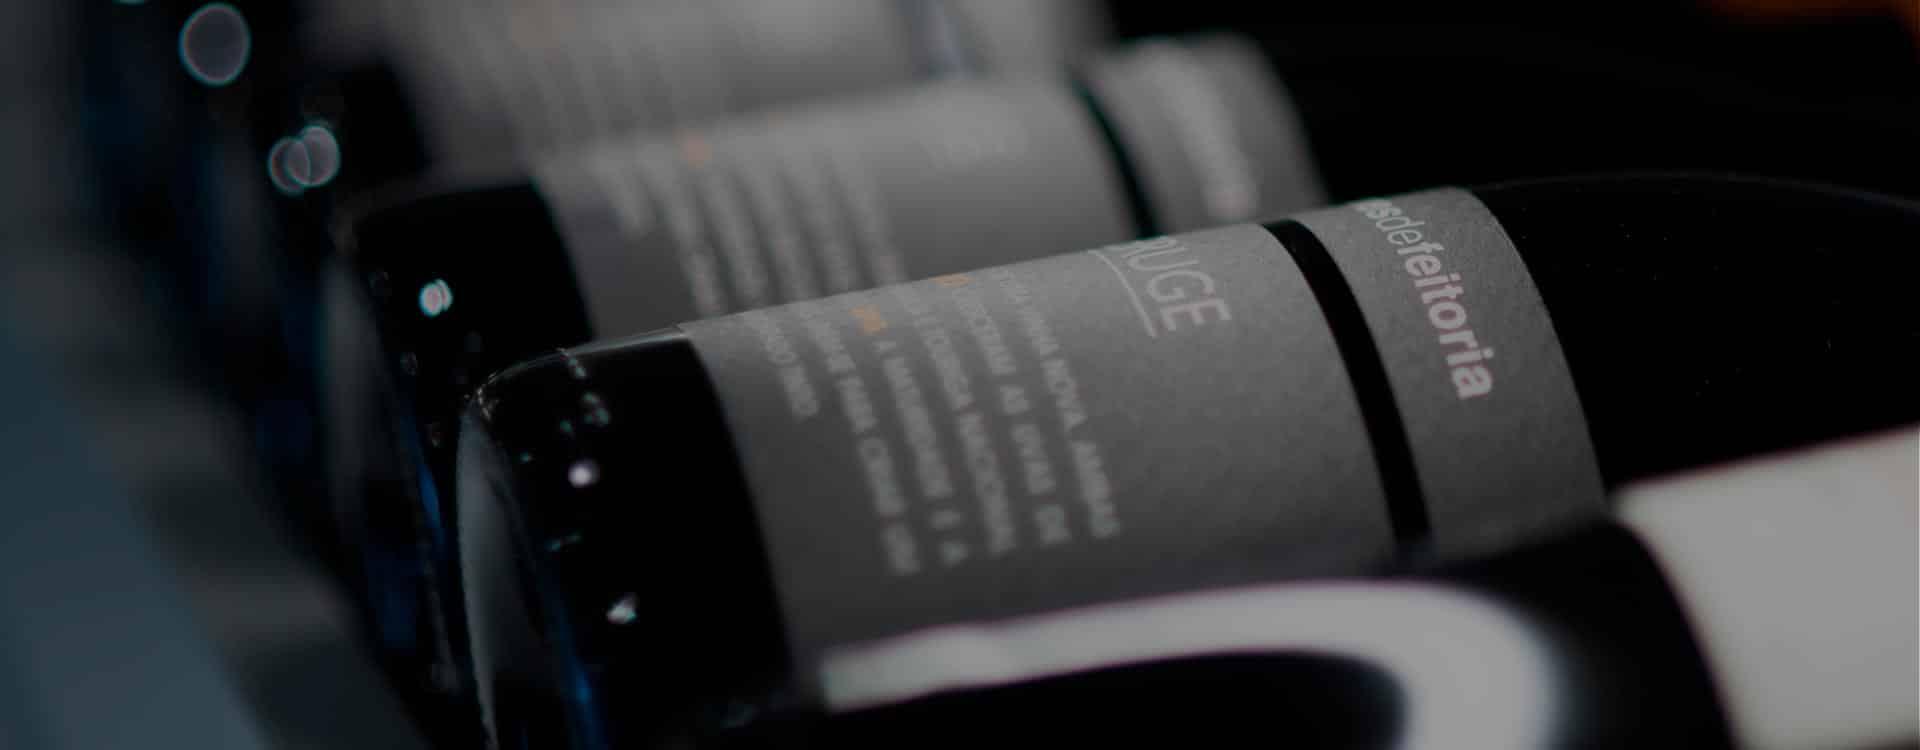 Amara Restaurant | Wine | Vinhos Verdes